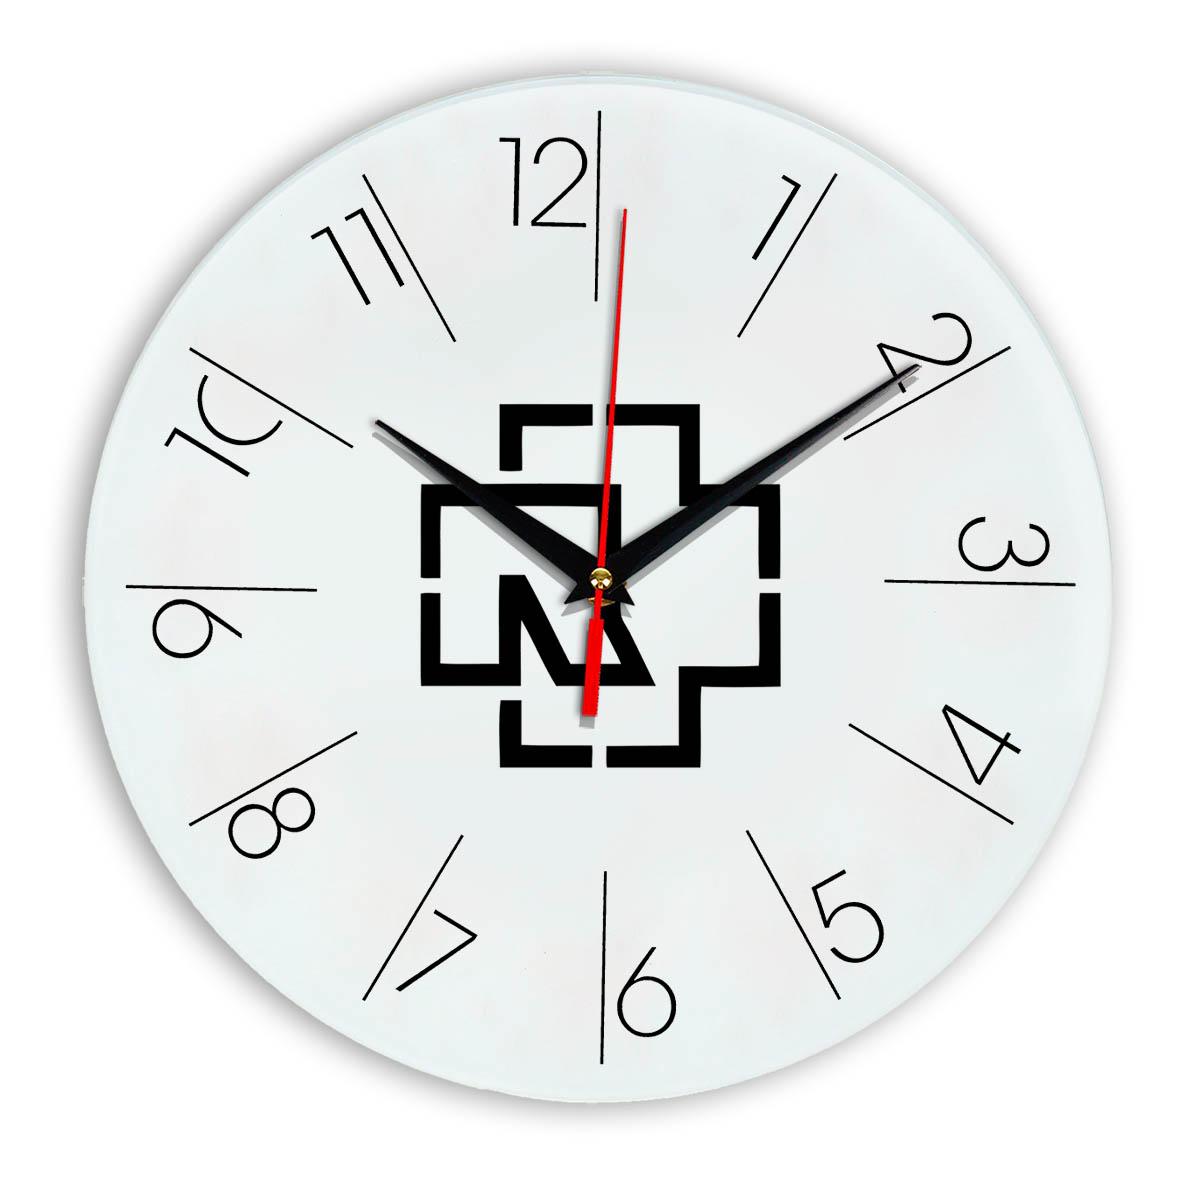 часы с картинкой рамштайн грибка позволяет определить